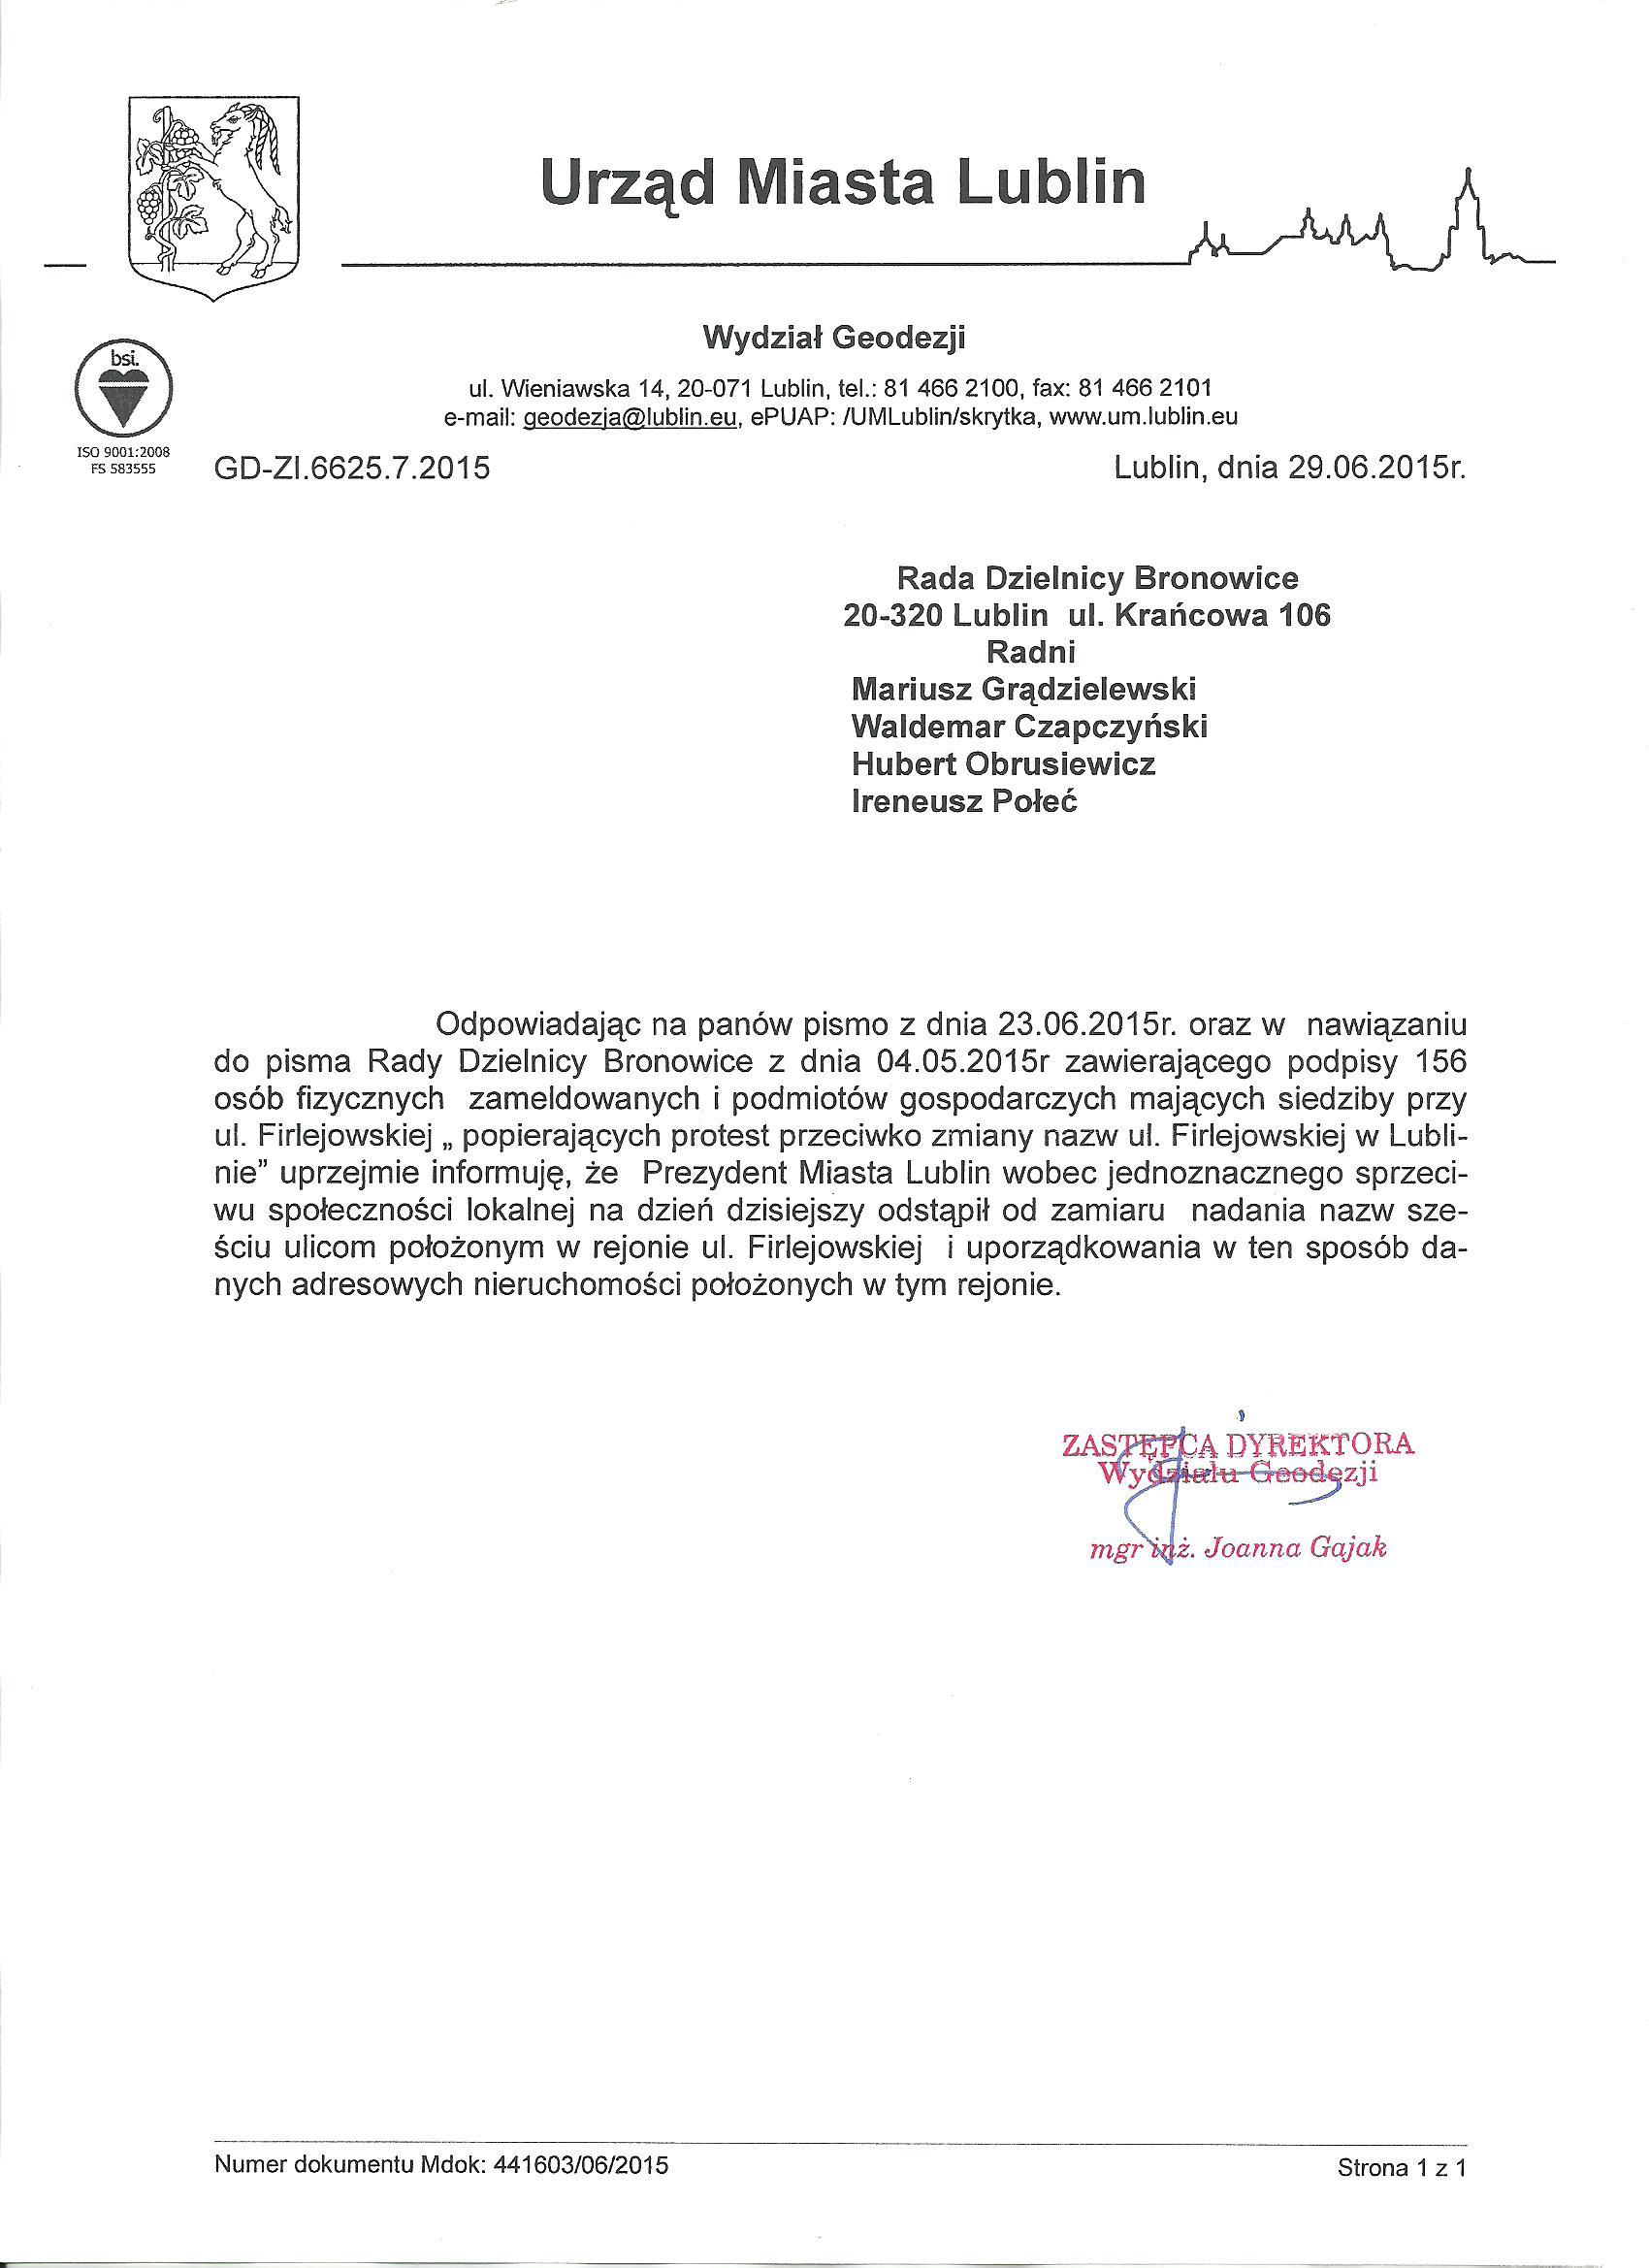 odpowiedz_w_sprawie_zmiany_nazwy_ul_firlejowskiej